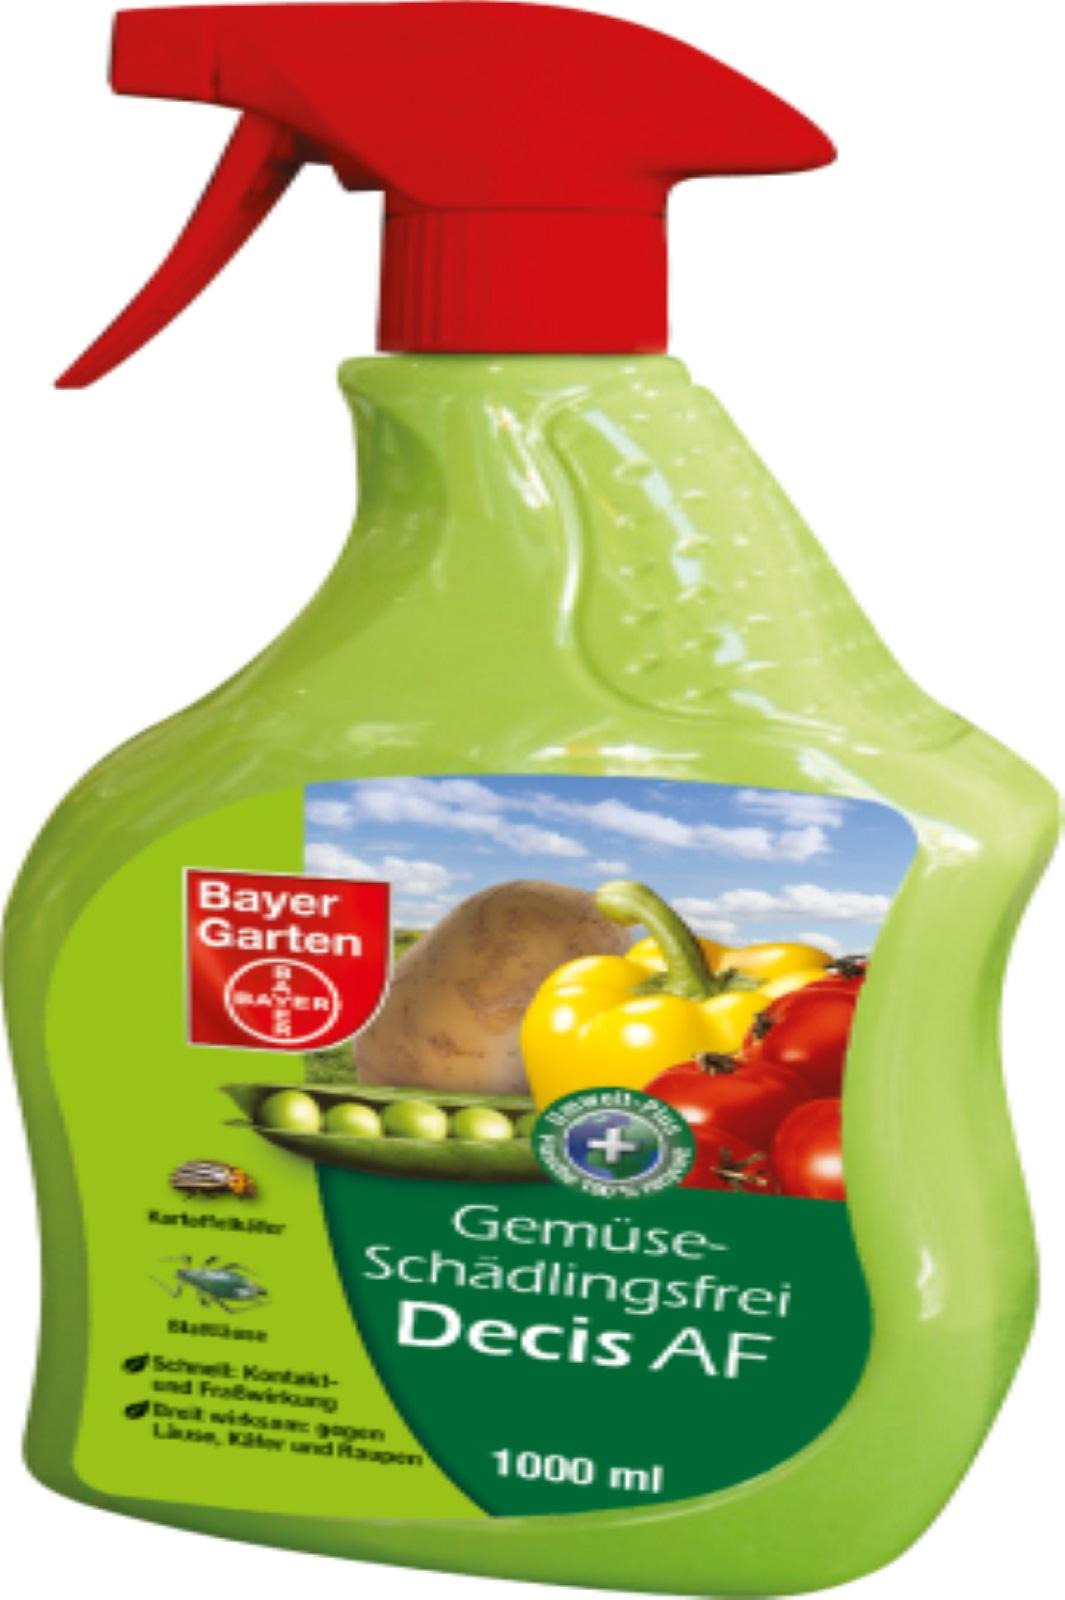 Gemüse-Schädlingsfrei Decis® AF von Bayer